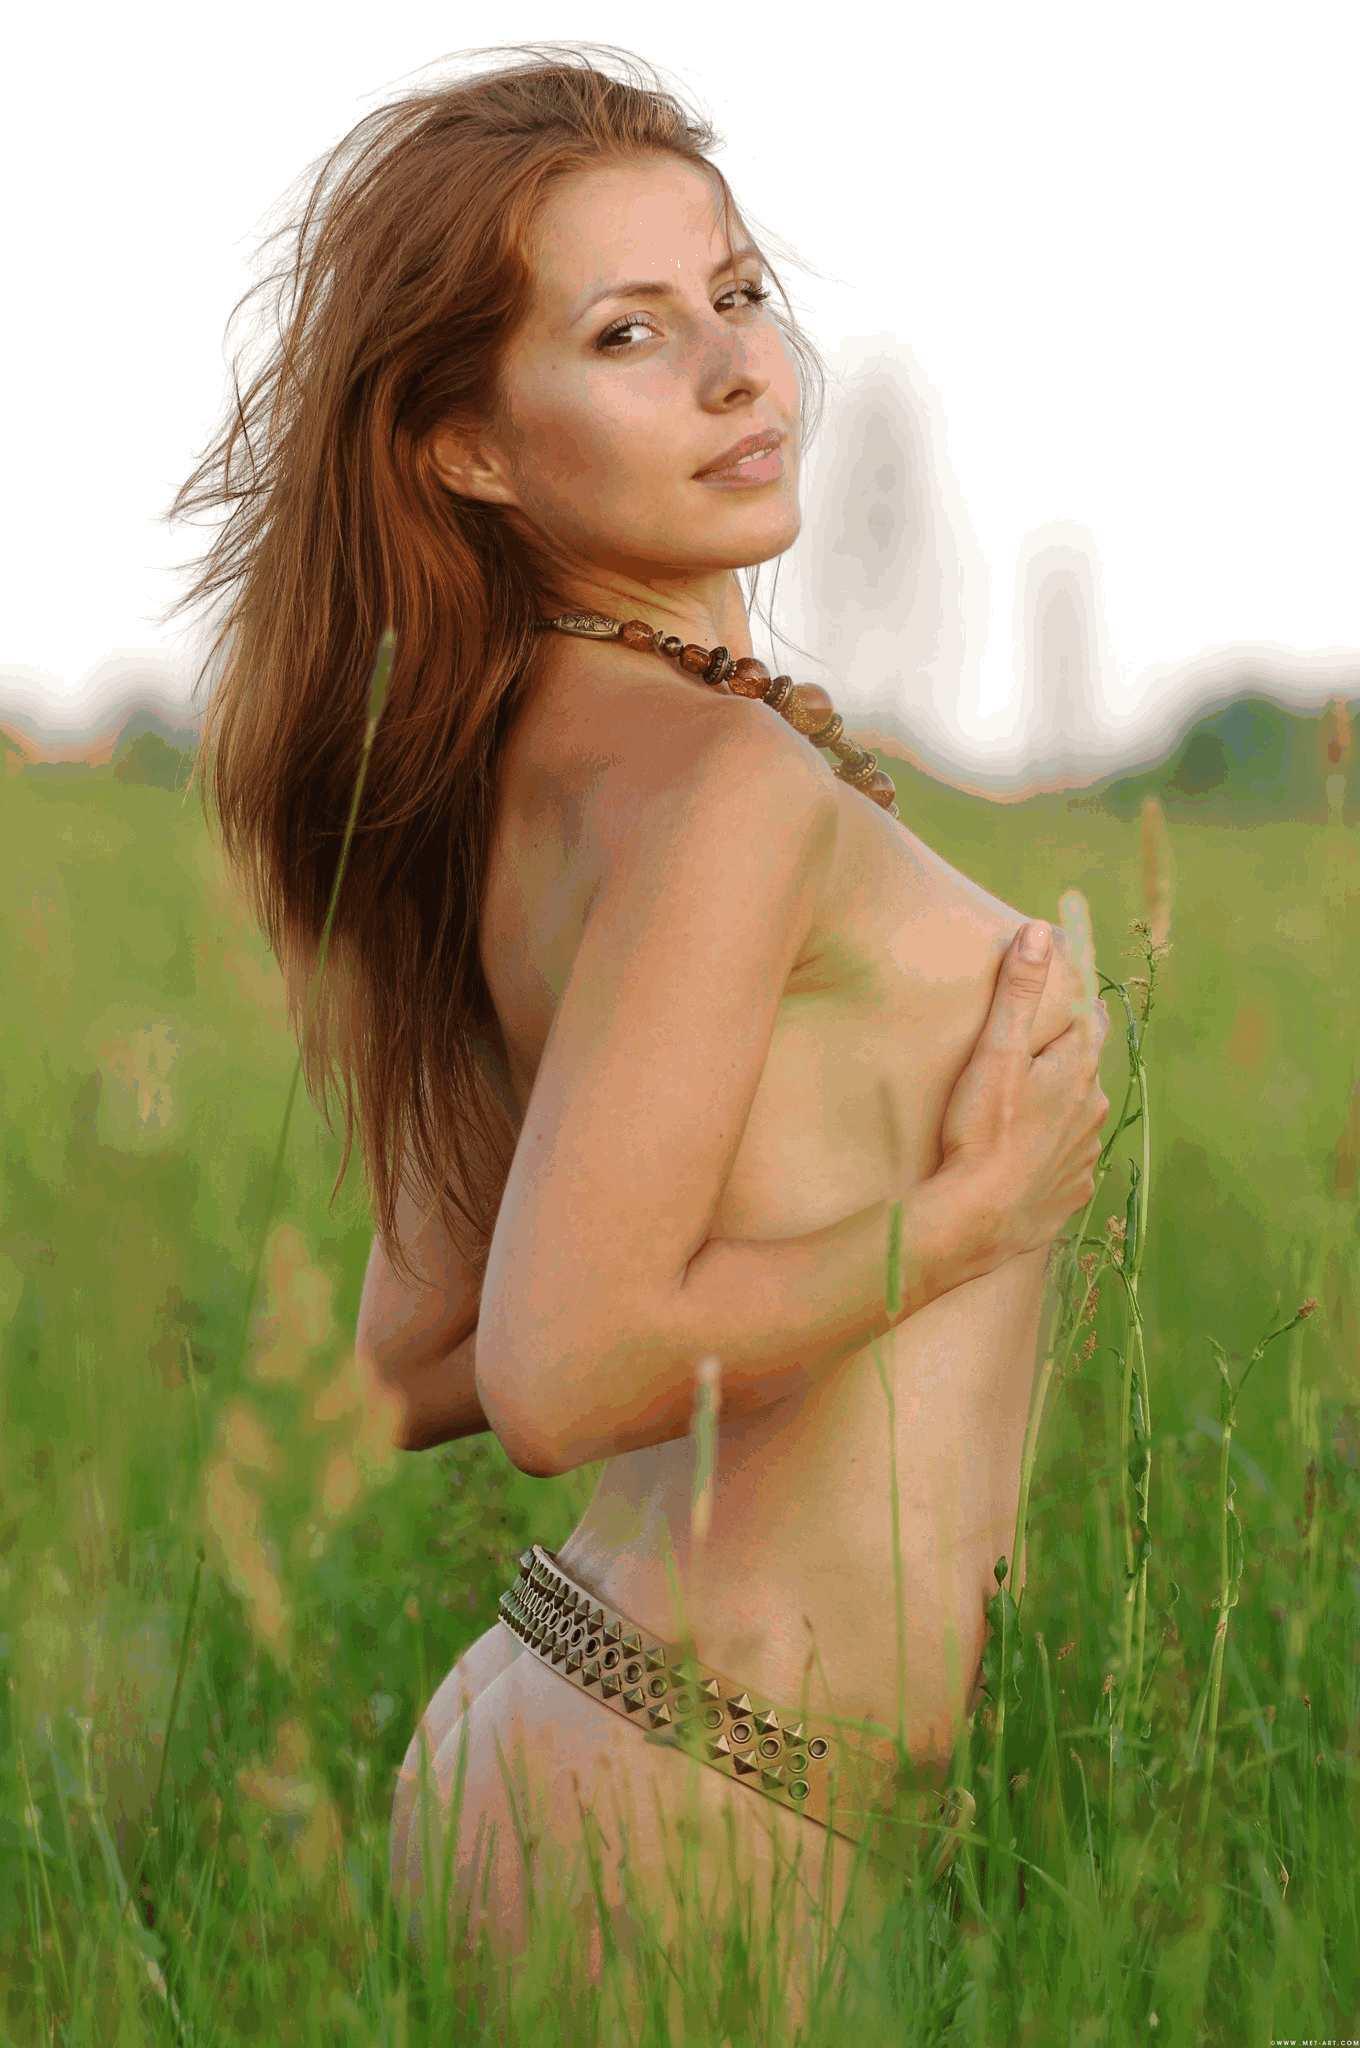 Соломия витвитьцка порно 6 фотография